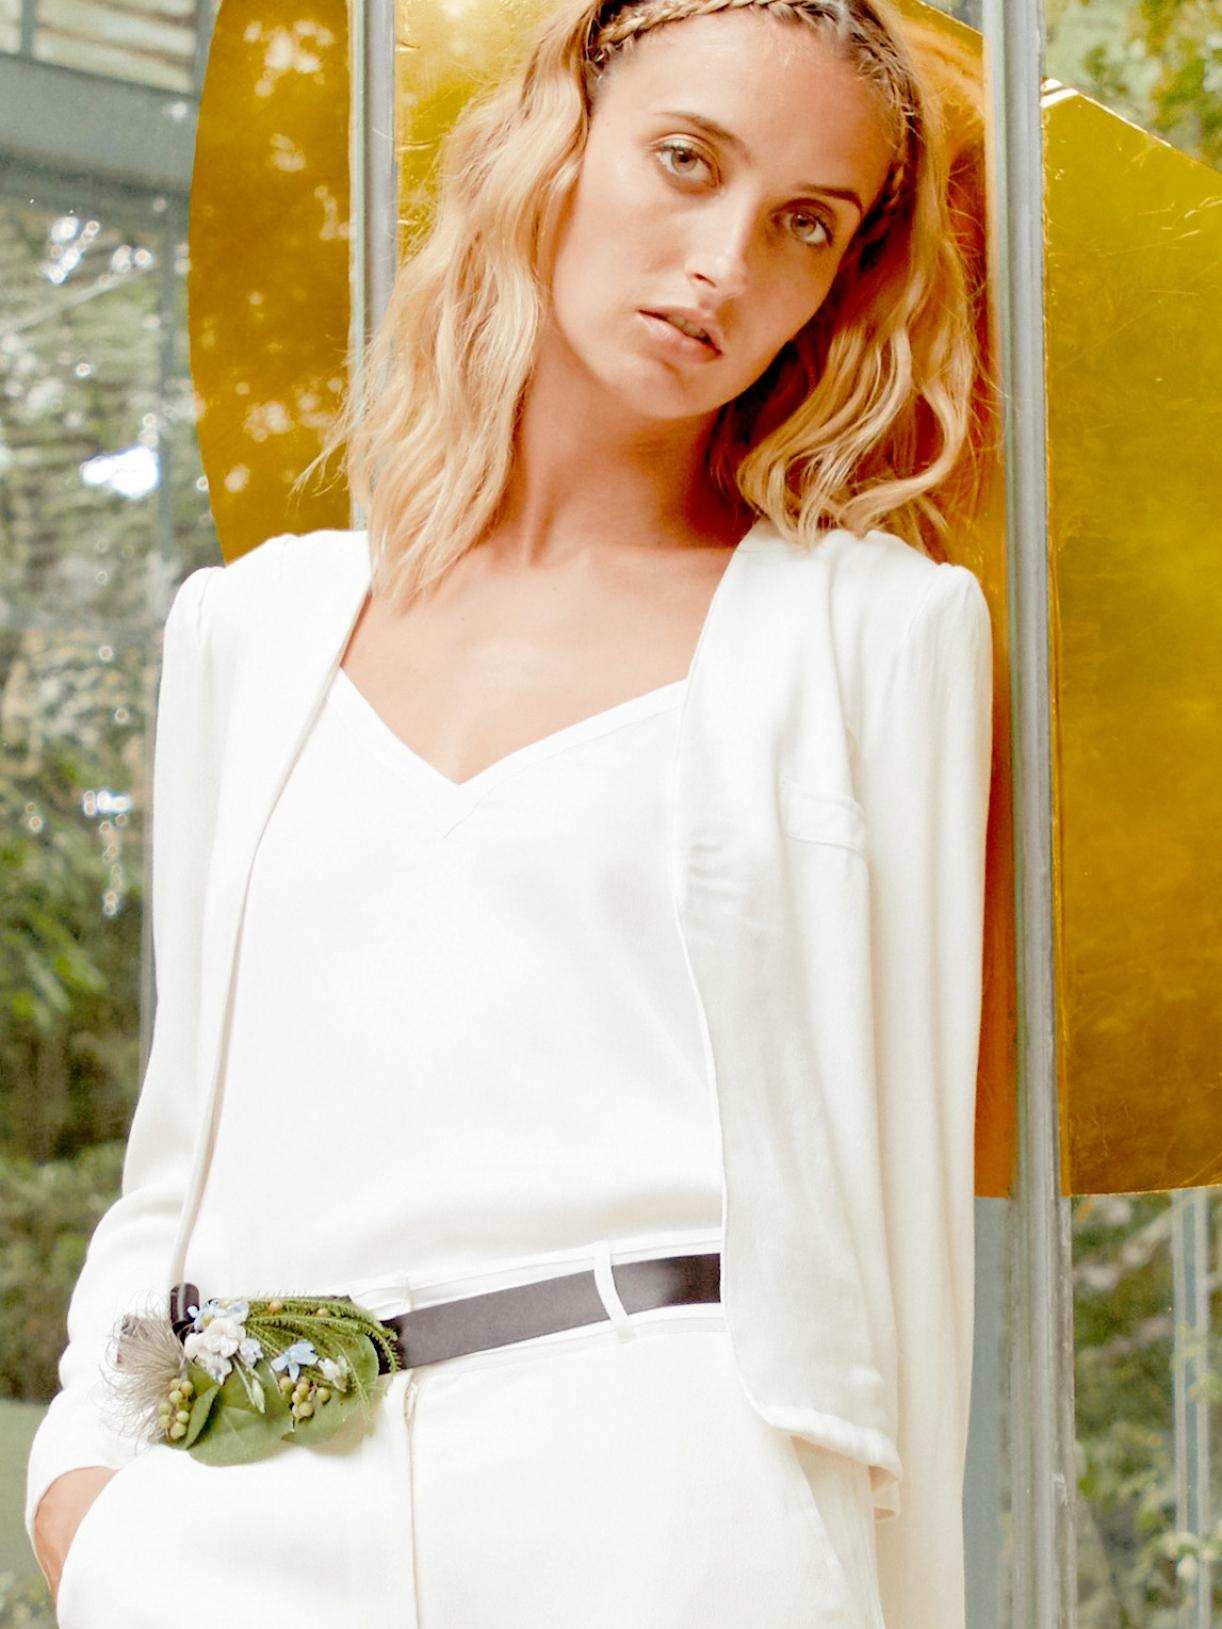 GREY - Veste de tailleur de mariée femme blanc - Robe de mariée créateur et sur-mesure pas cher a Paris - Myphilosophy